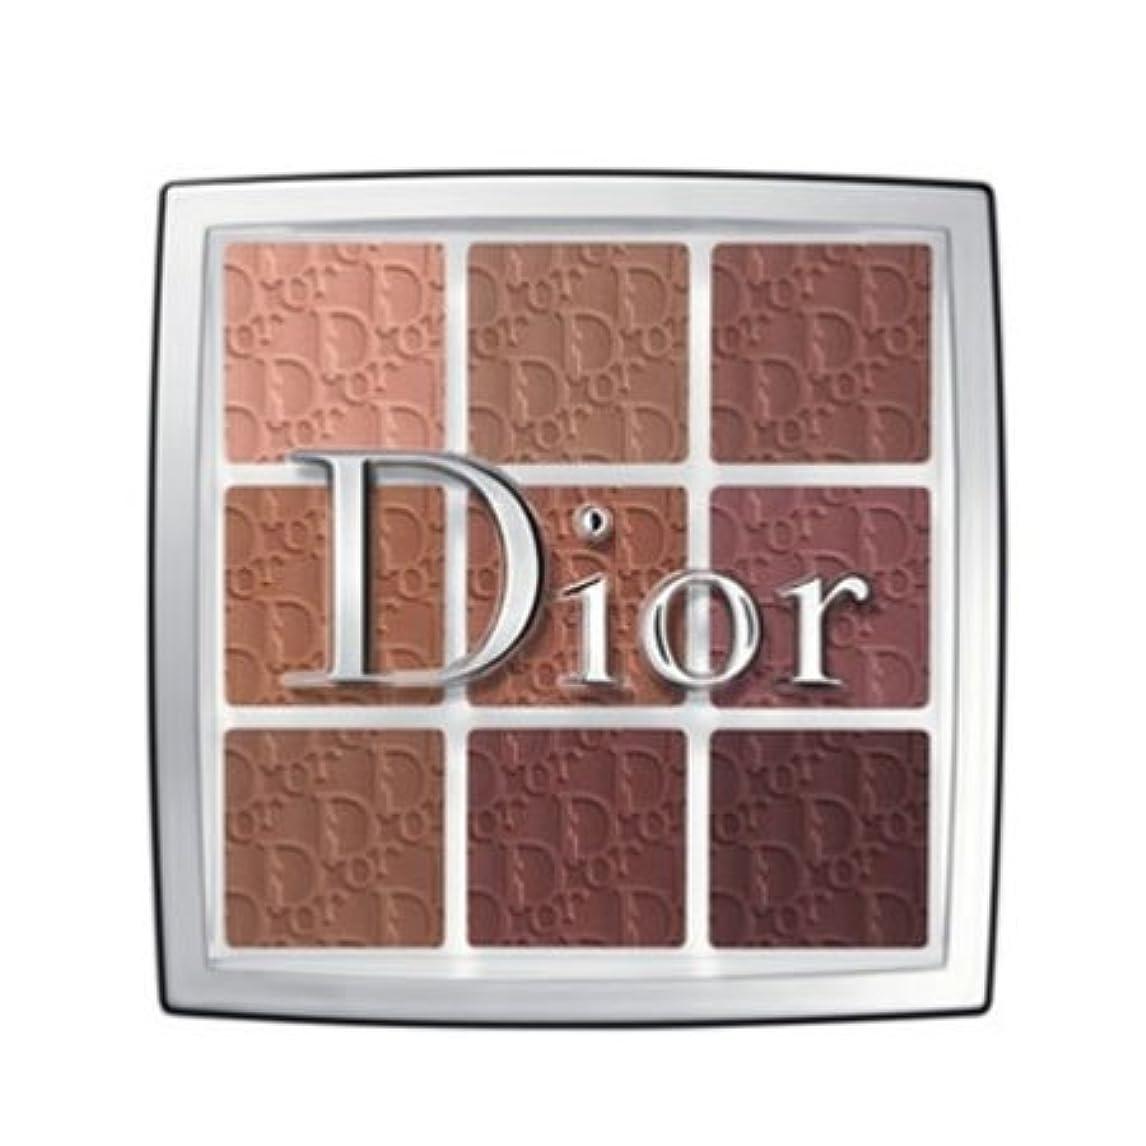 アロング環境に優しいいろいろディオール バックステージ リップ パレット -Dior-